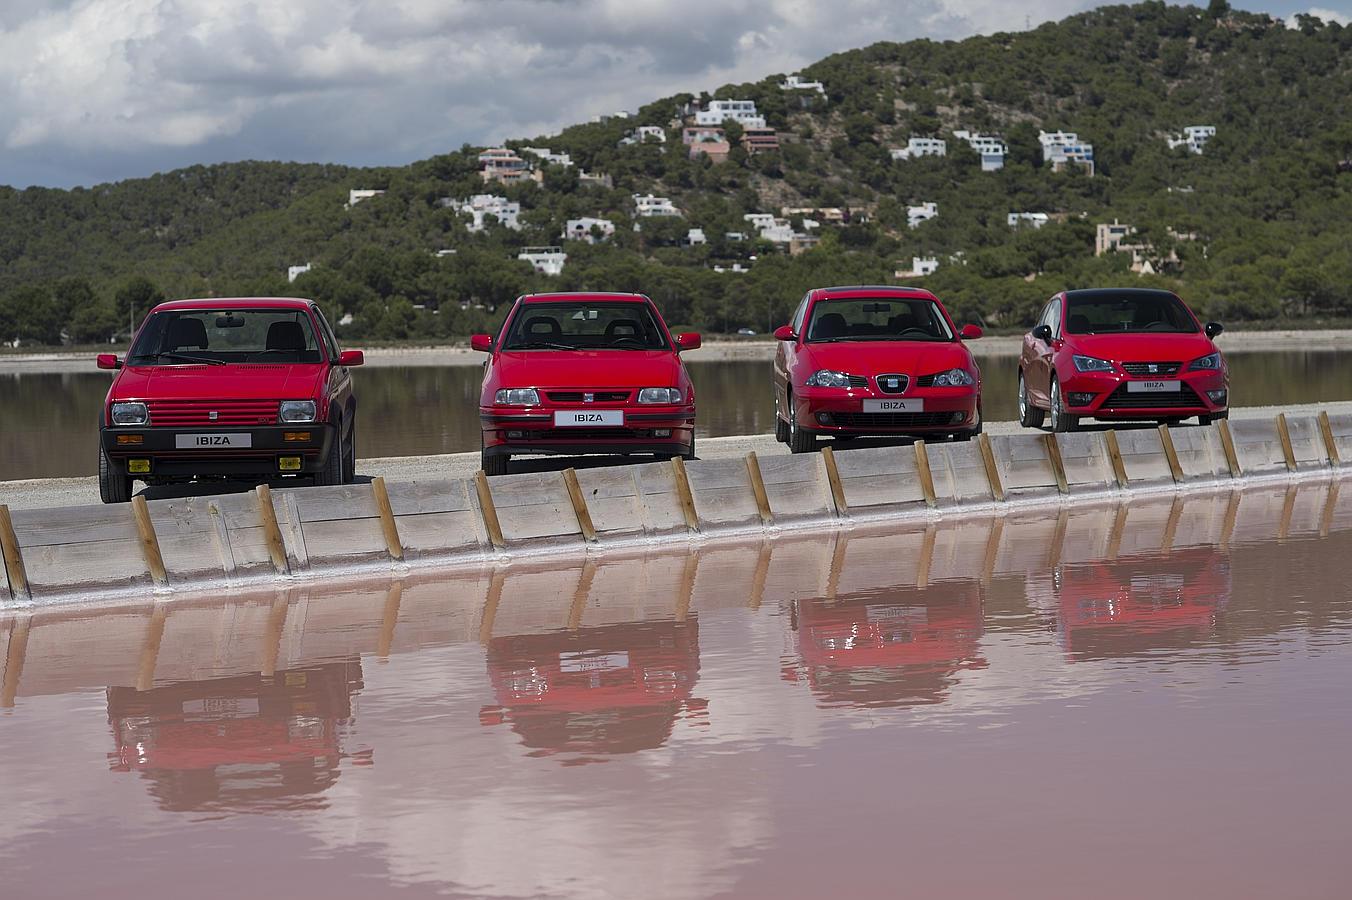 Del Ibiza existen 4 generaciones. El primero apareció en 1984. El modelo 1.5 con 85 CV costaba unas 625.000 pesetas. En la actualidad supera los 5 millones de unidades vendidas